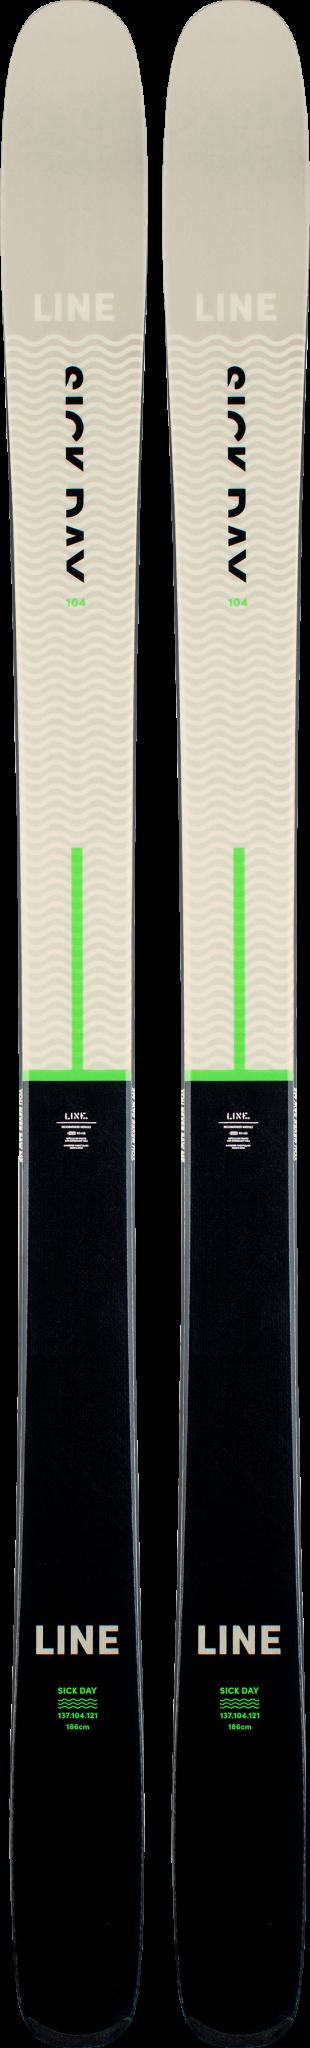 LINE Line M's Sick Day 104 Ski (20/21)